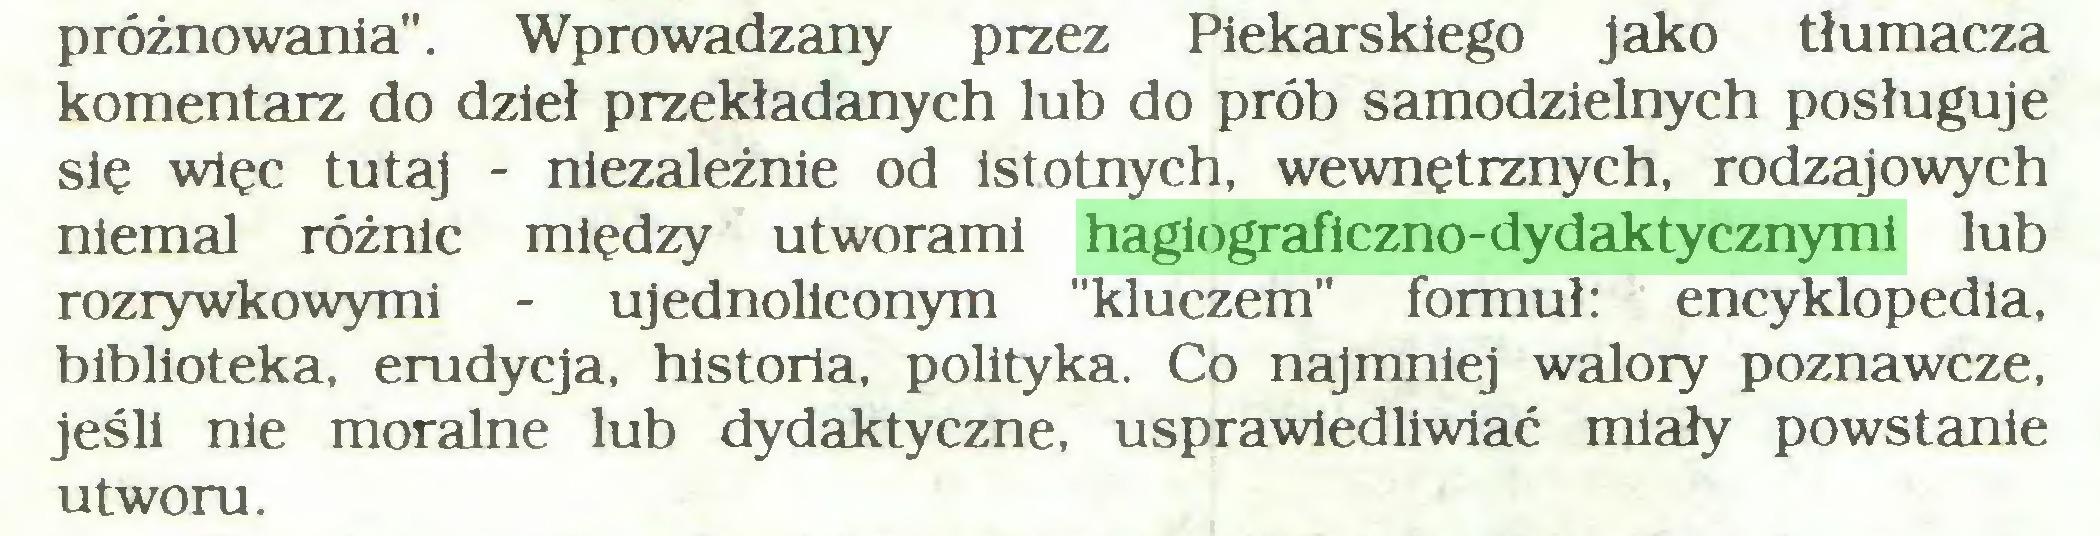 """(...) próżnowania"""". Wprowadzany przez Piekarskiego jako tłumacza komentarz do dzieł przekładanych lub do prób samodzielnych posługuje się więc tutaj - niezależnie od istotnych, wewnętrznych, rodzajowych niemal różnic między utworami hagiograficzno-dydaktycznymi lub rozrywkowymi - ujednoliconym """"kluczem"""" formuł: encyklopedia, biblioteka, erudycja, historia, polityka. Co najmniej walory poznawcze, jeśli nie moralne lub dydaktyczne, usprawiedliwiać miały powstanie utworu..."""